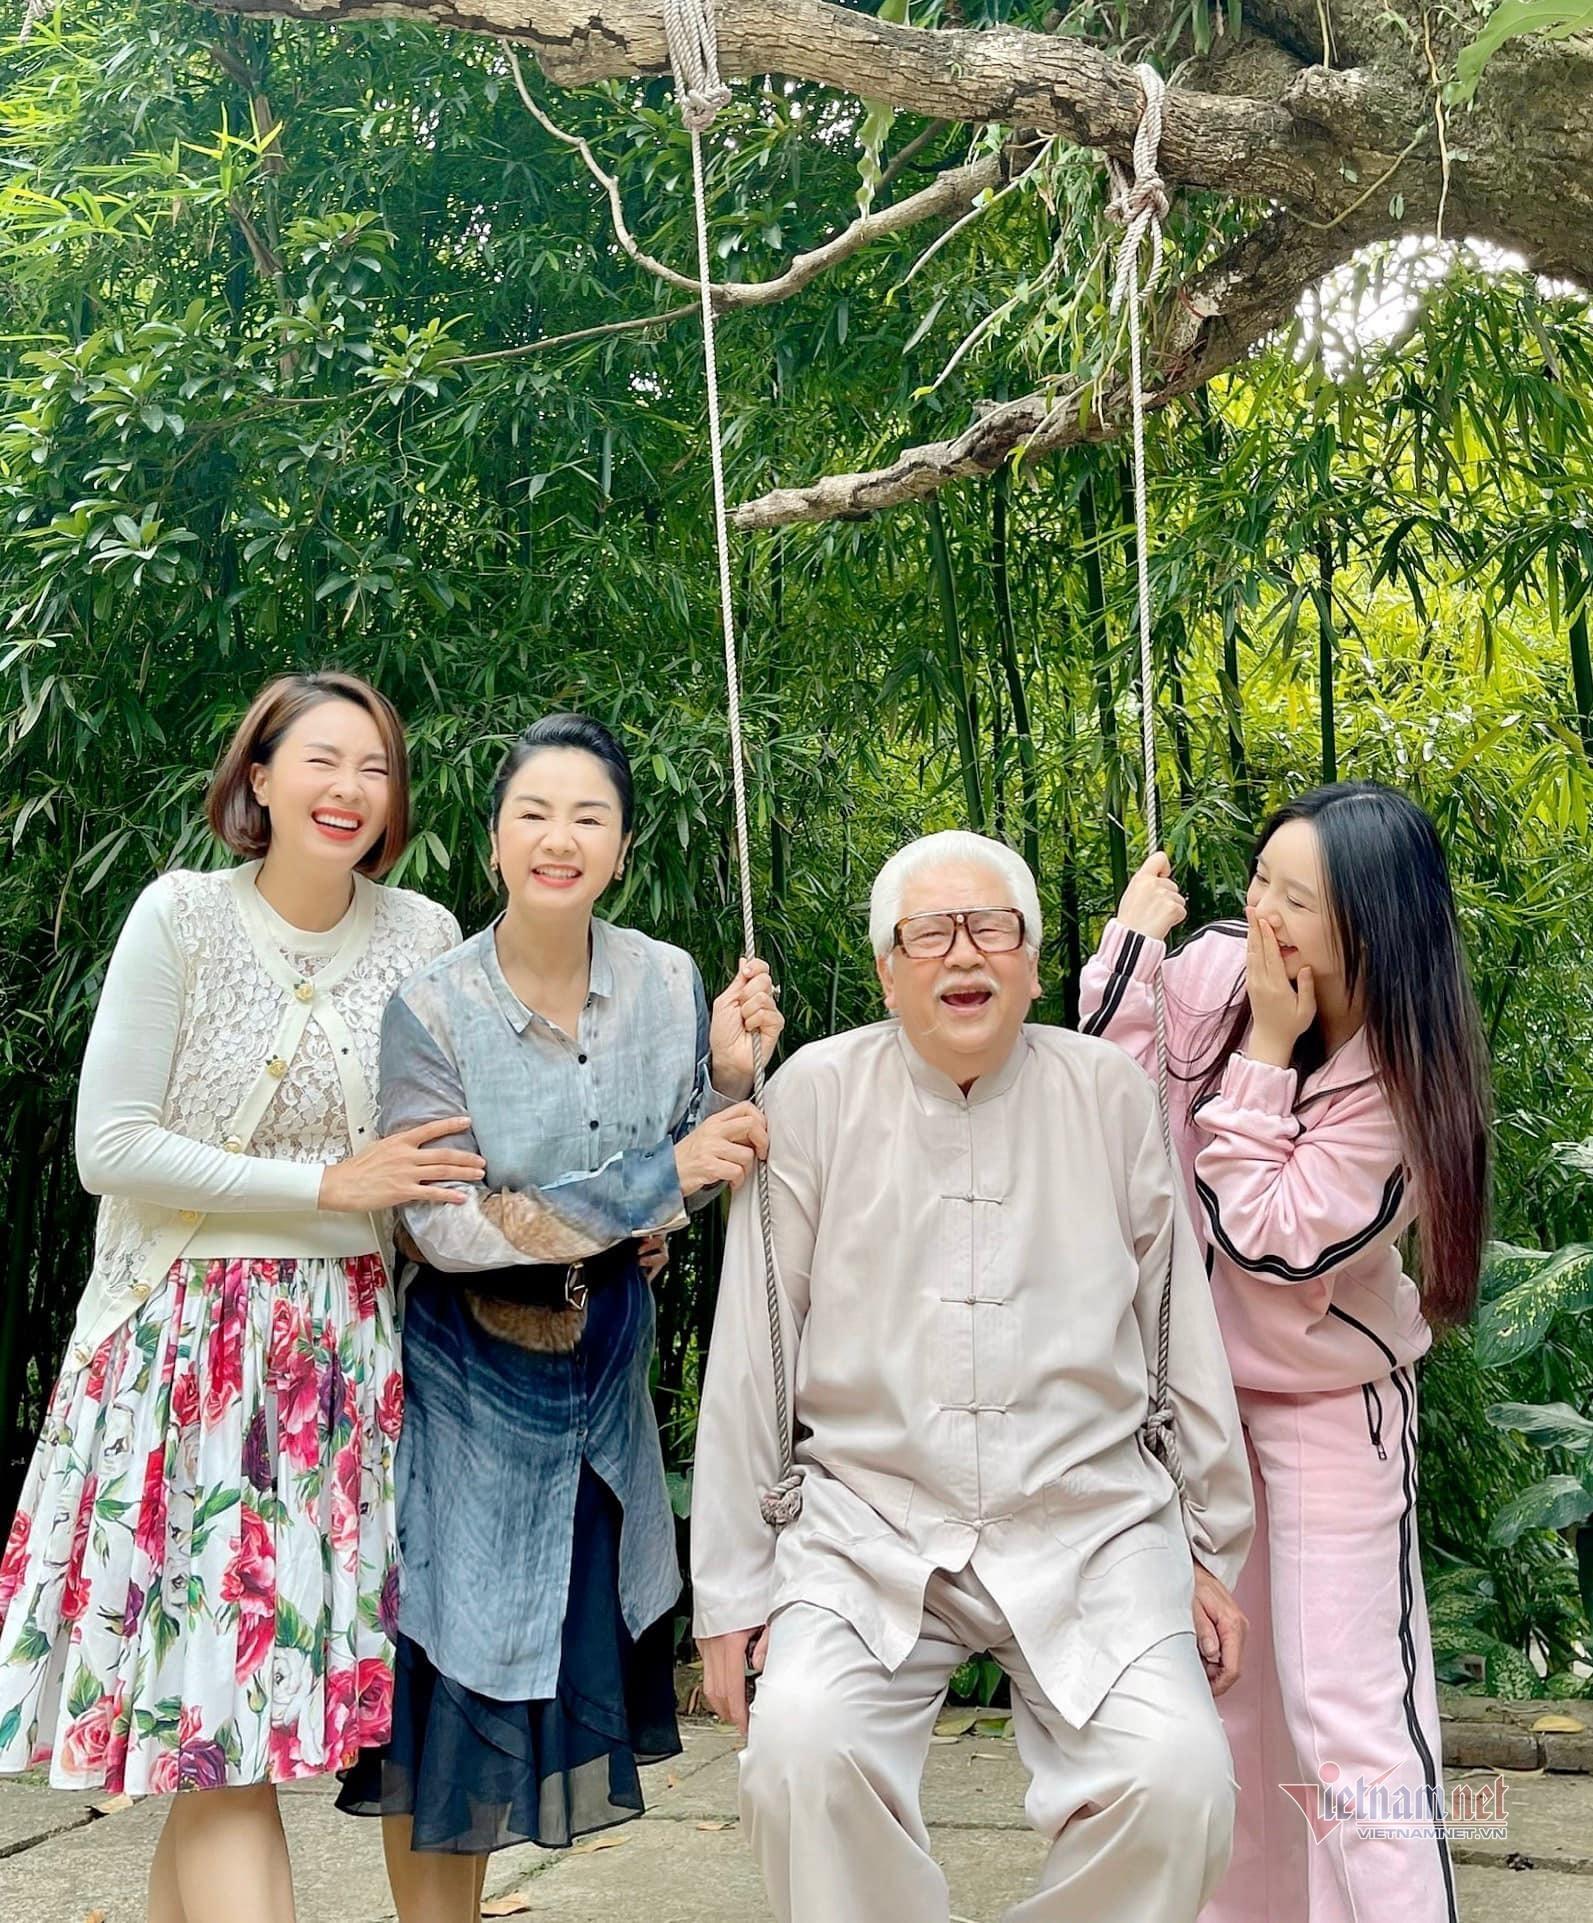 Ông Phan 'Hướng dương ngược nắng': Đạo diễn lo tôi 81 tuổi không thuộc lời thoại